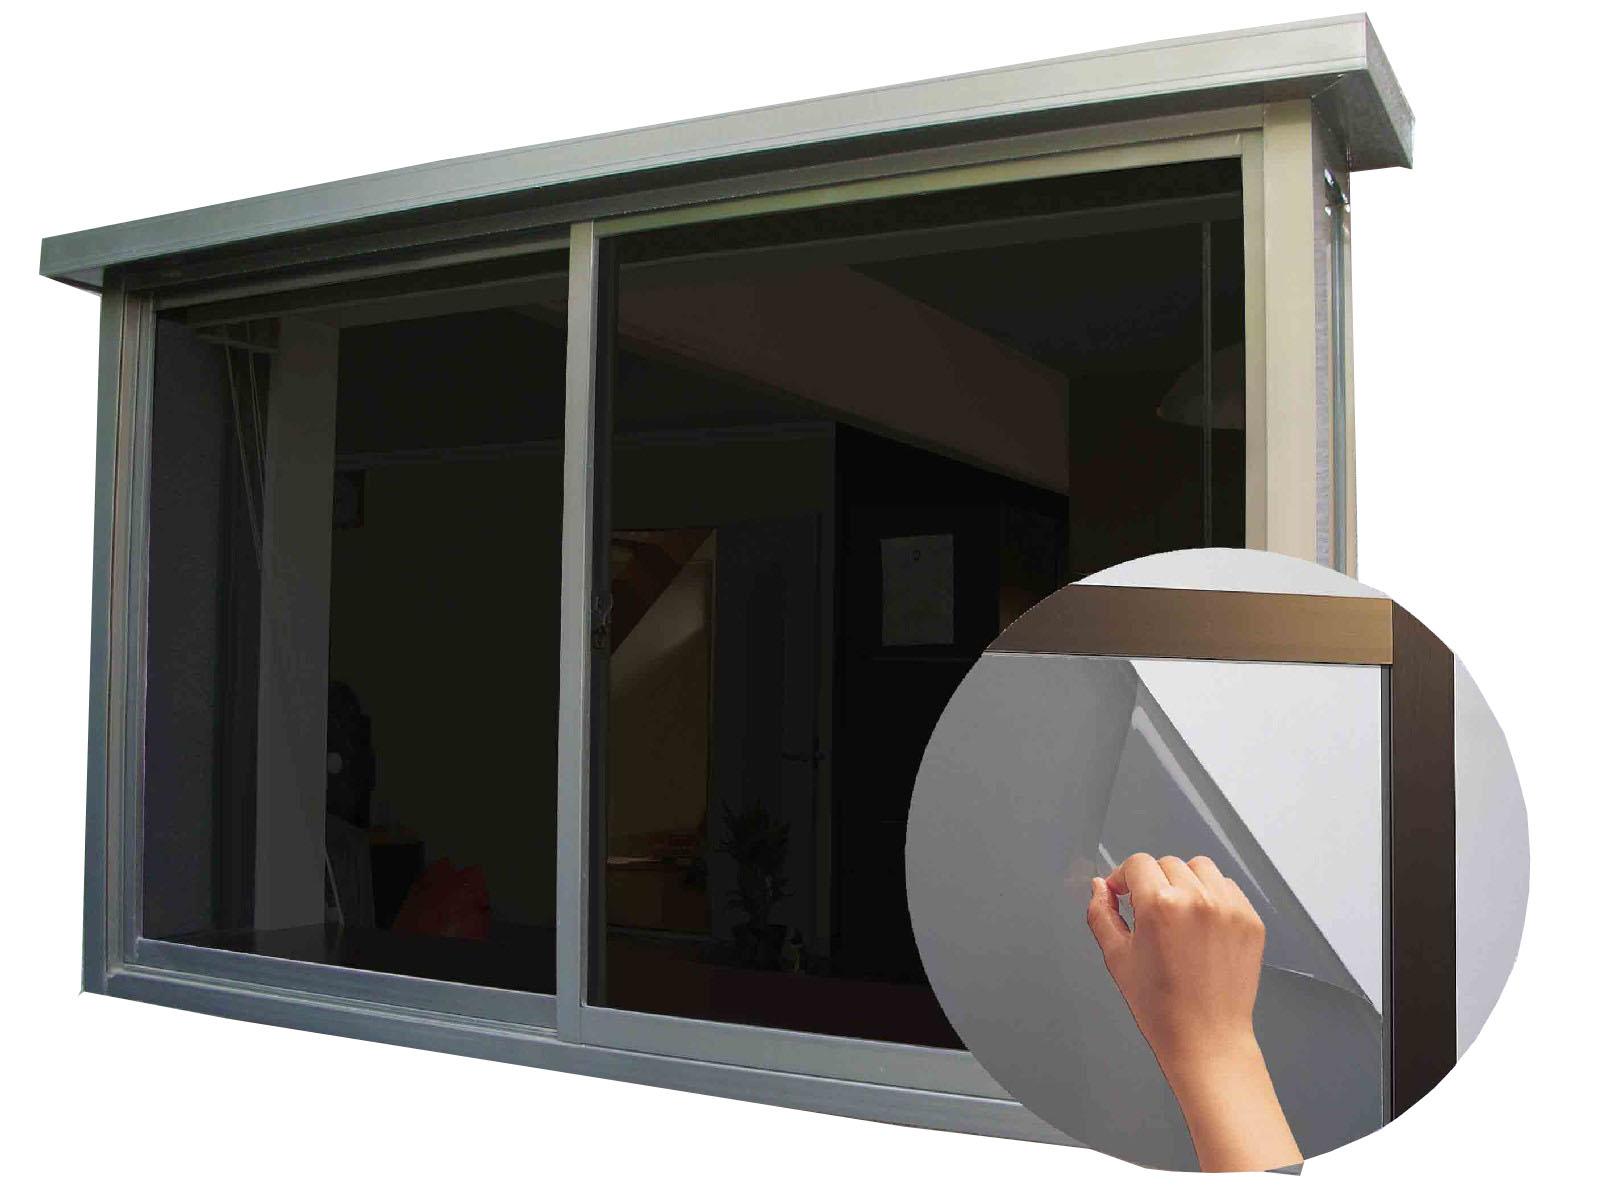 ◇スモーク窓貼りシート(ガラスフィルム)【UV(紫外線)99%カット】【プライバシー保護】【節電】 92x180cm【981010】 ■